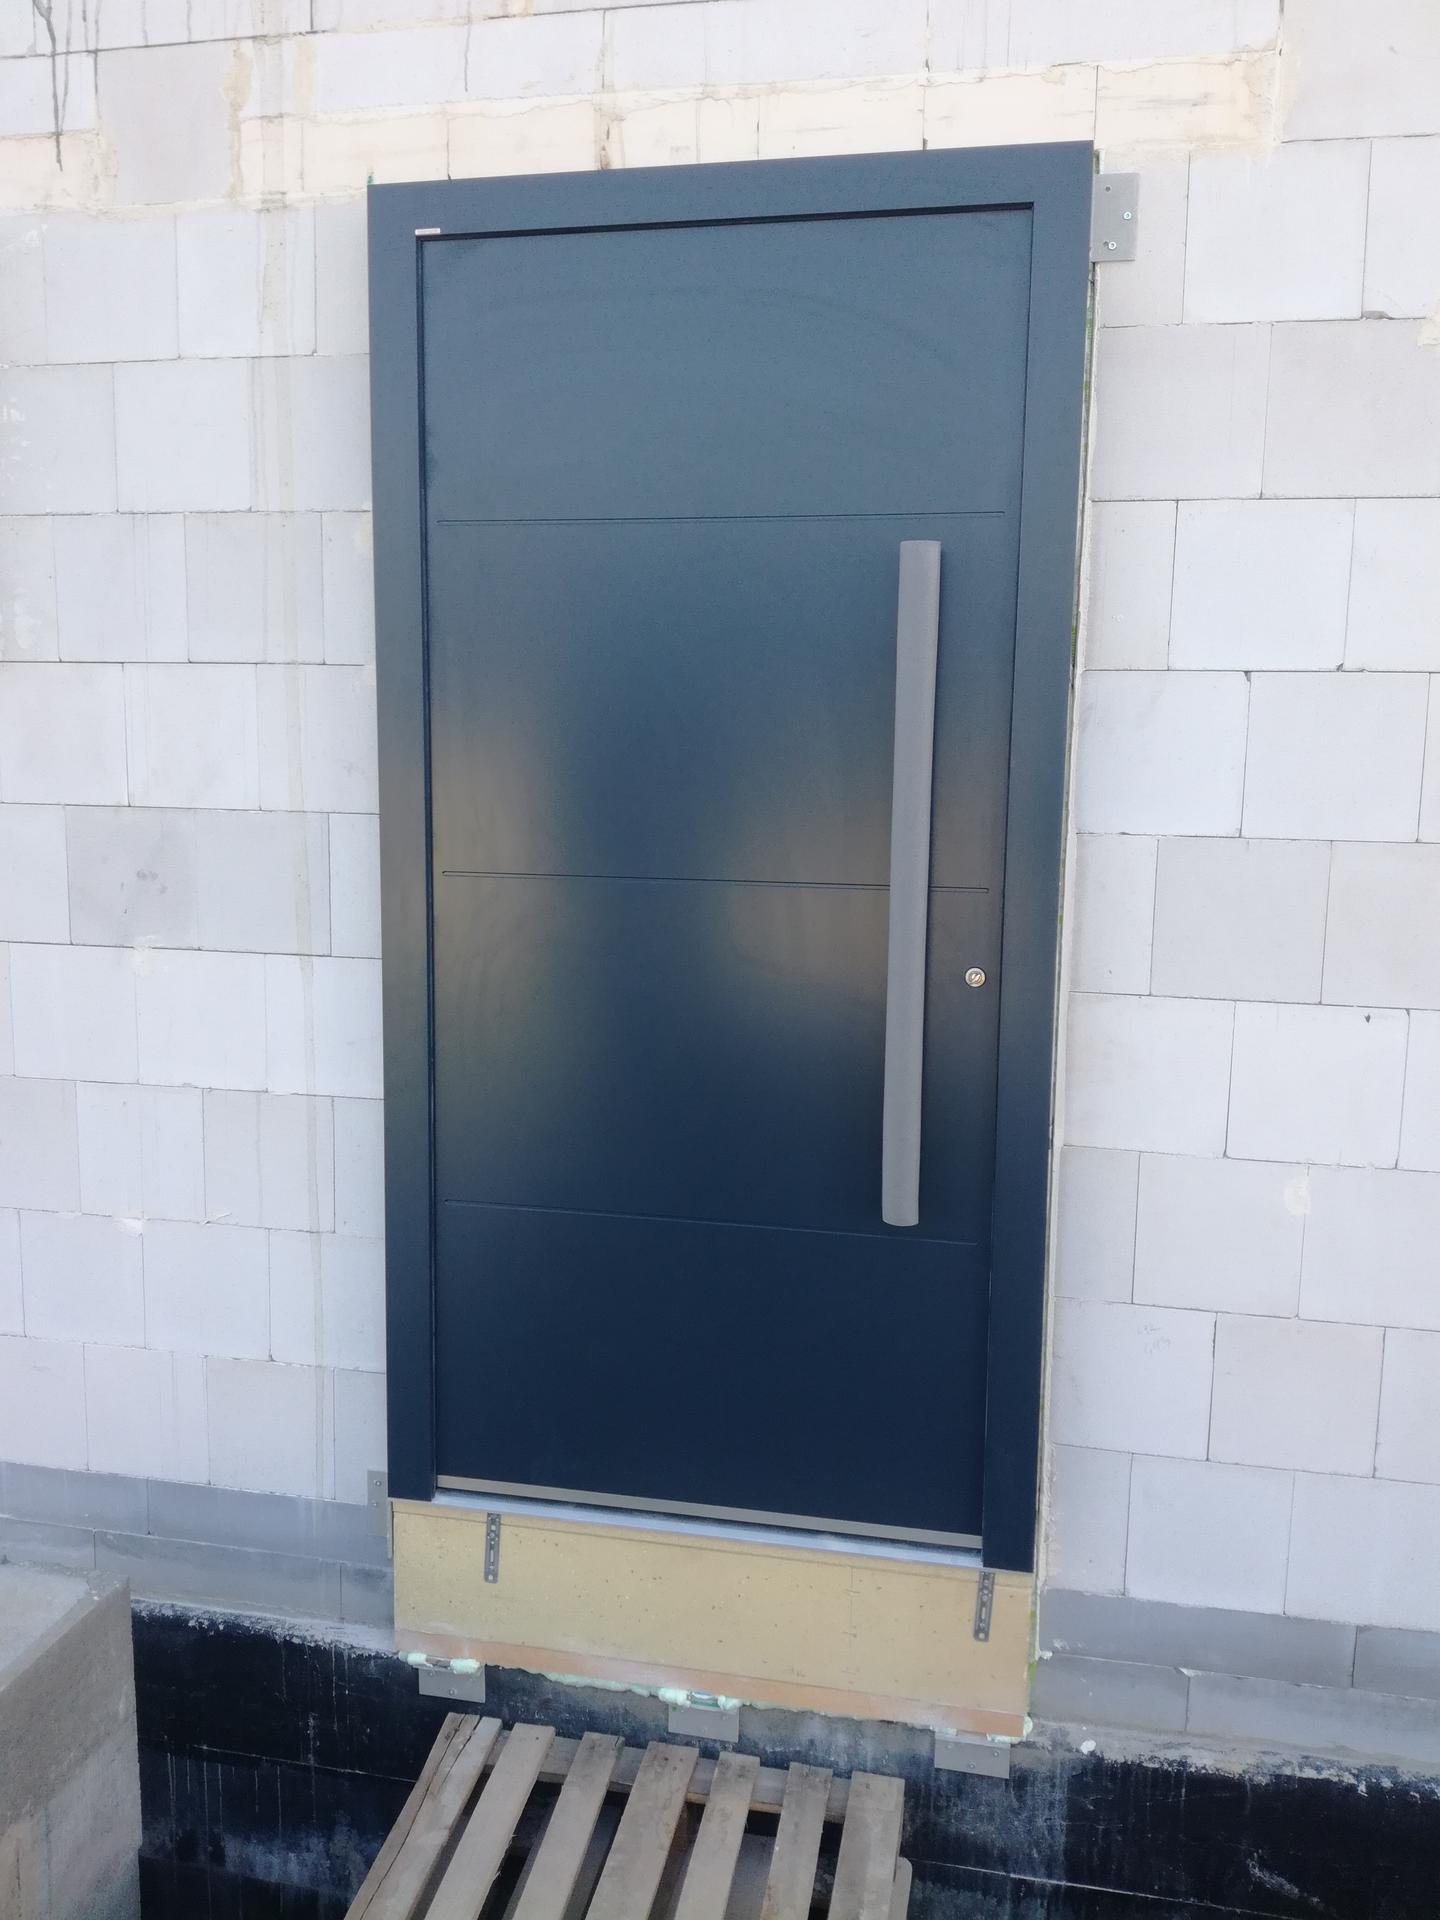 Pasiv Svépomocí 2020 - Dveře: Internorm AT400